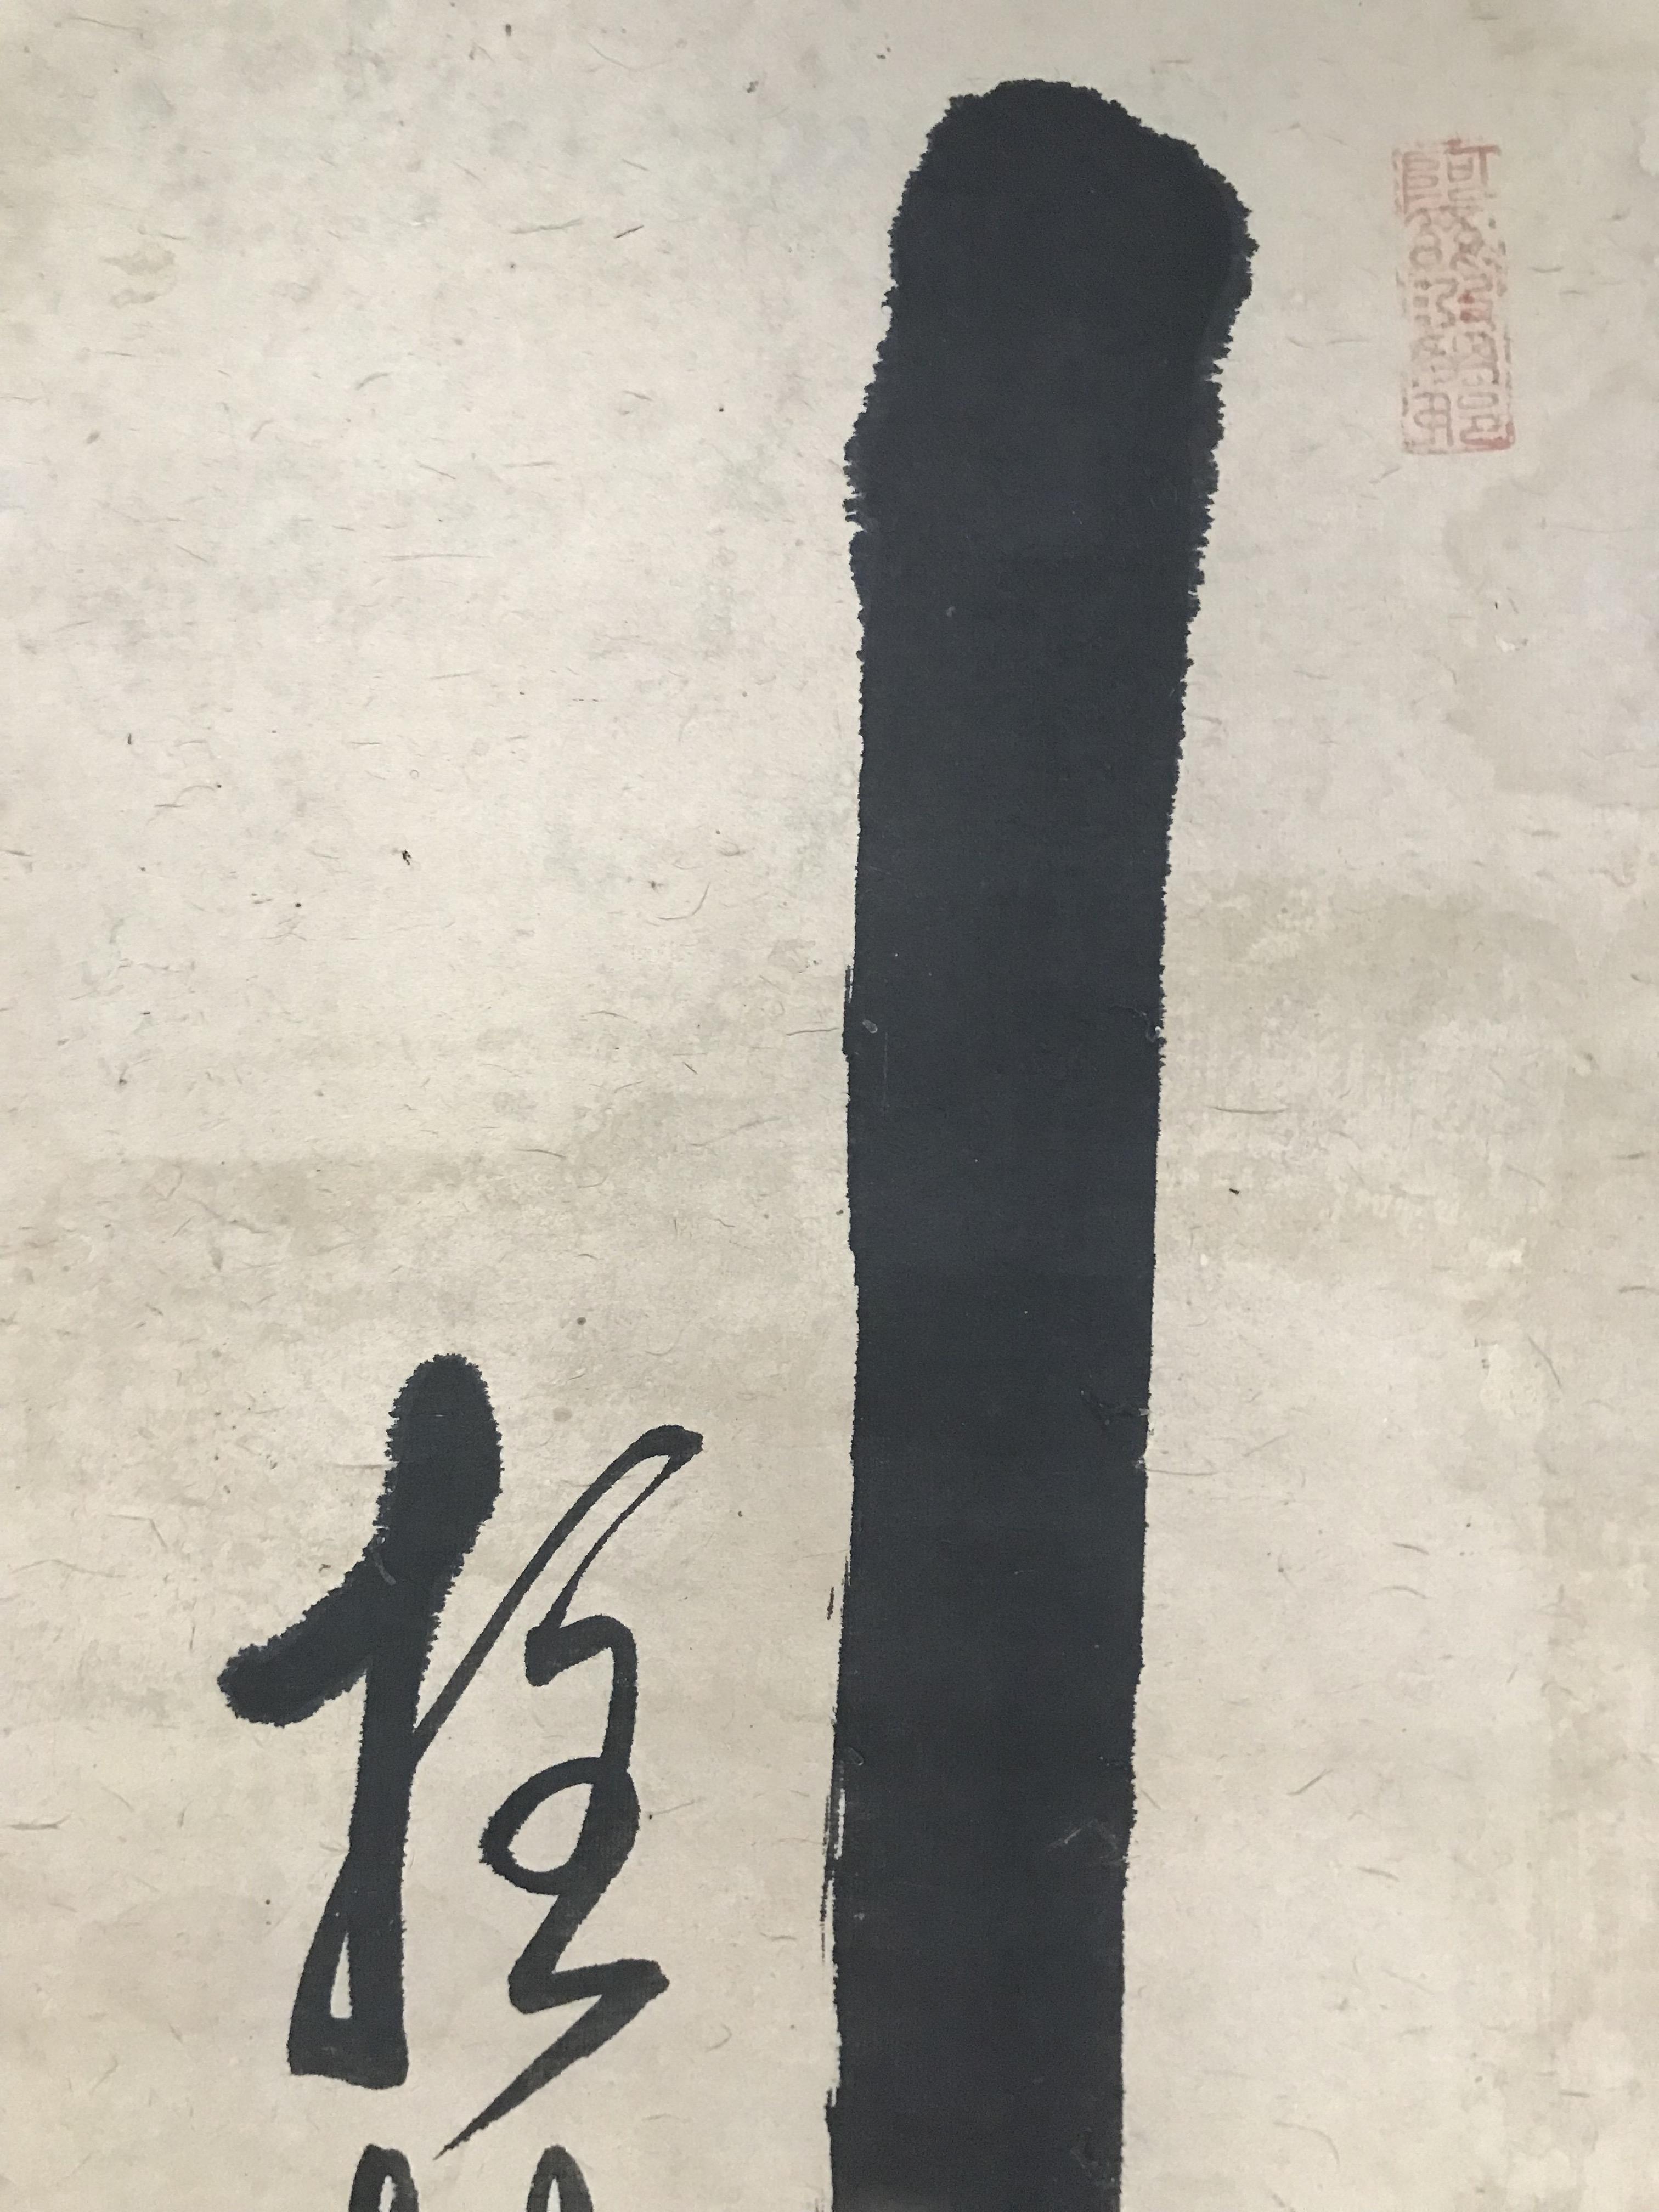 大覚雪峰/雲門柱杖化龍  の掛軸